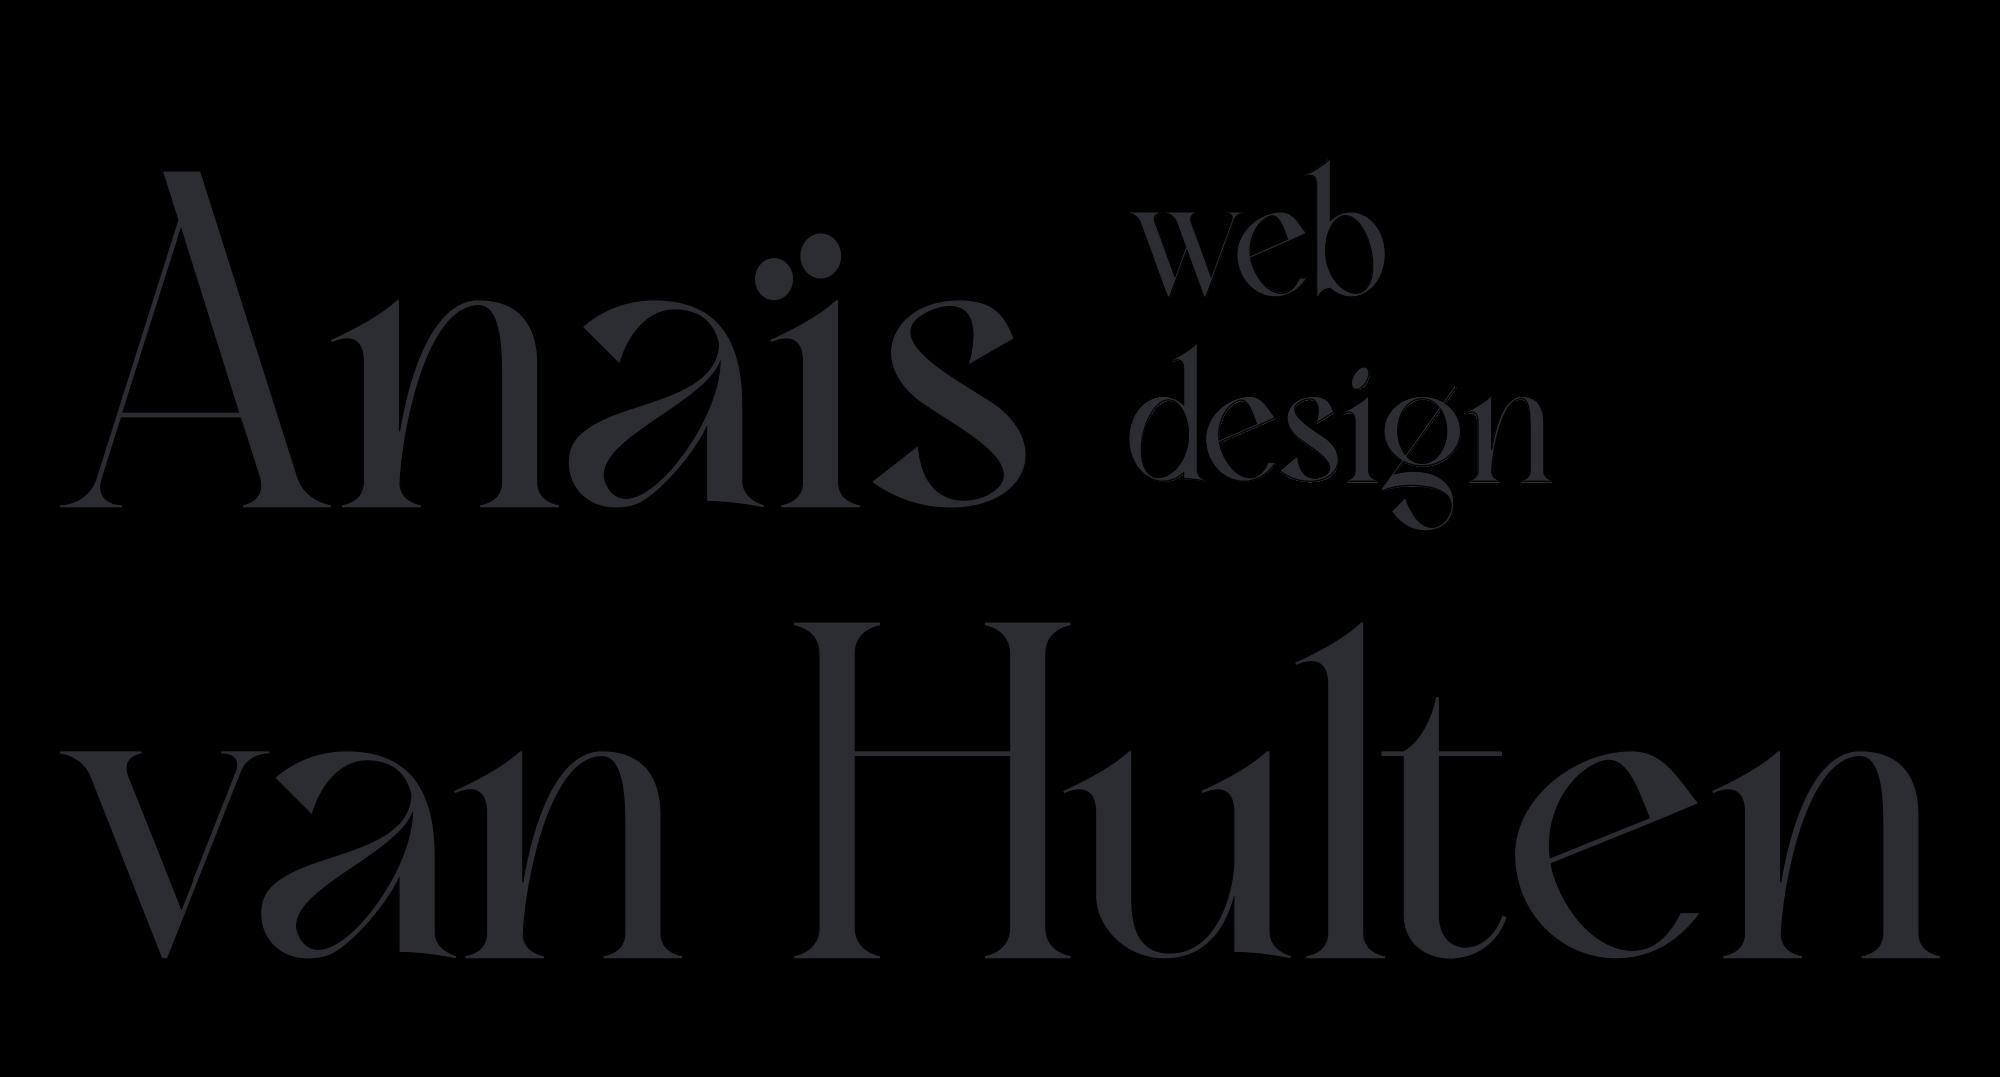 Anais van Hulten webdesign logo